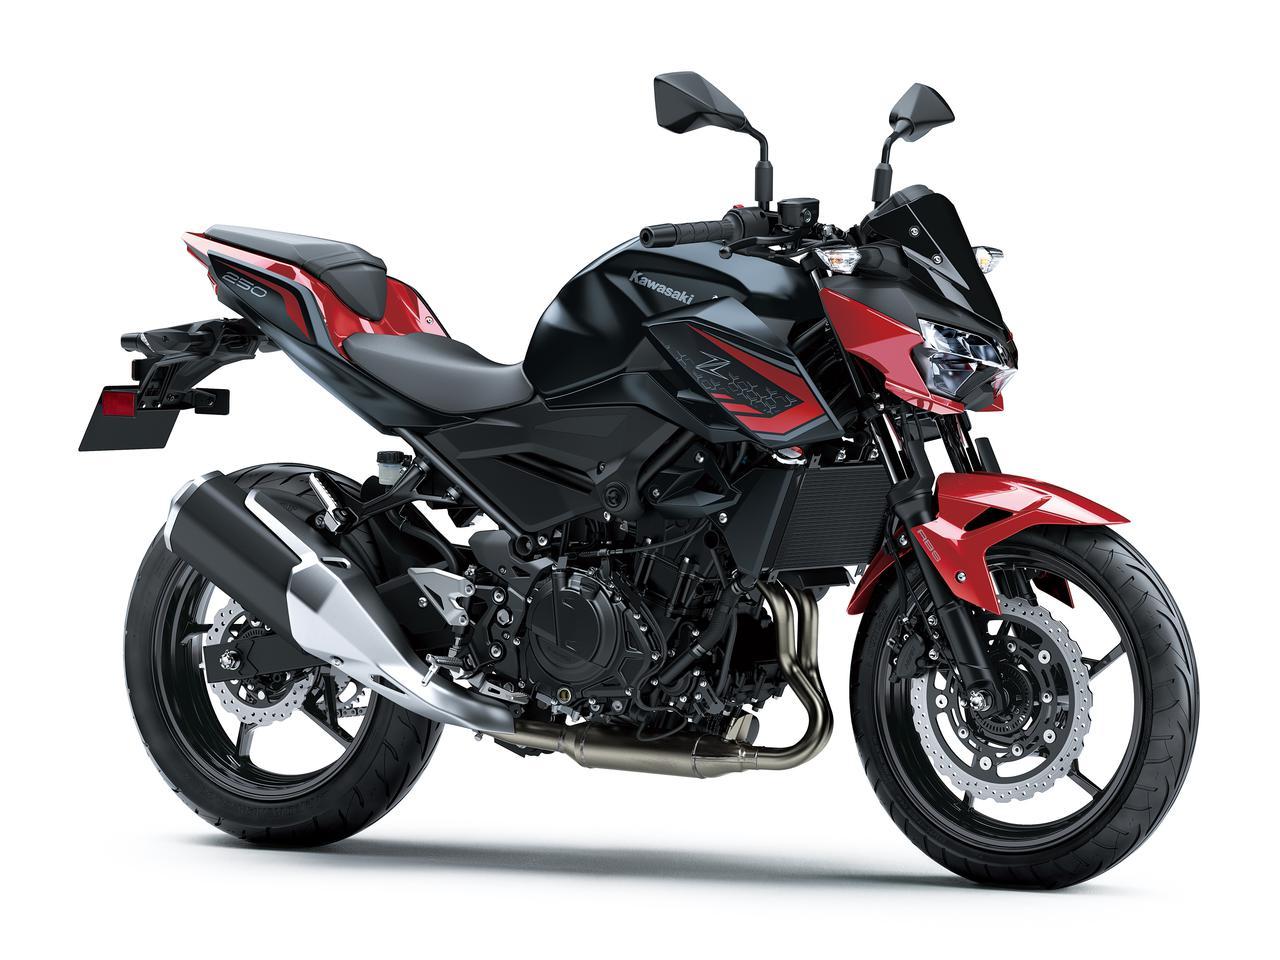 画像15: カワサキが「Z250」の2021年モデルを発売! 2020年モデルと比較してみよう【2021速報】